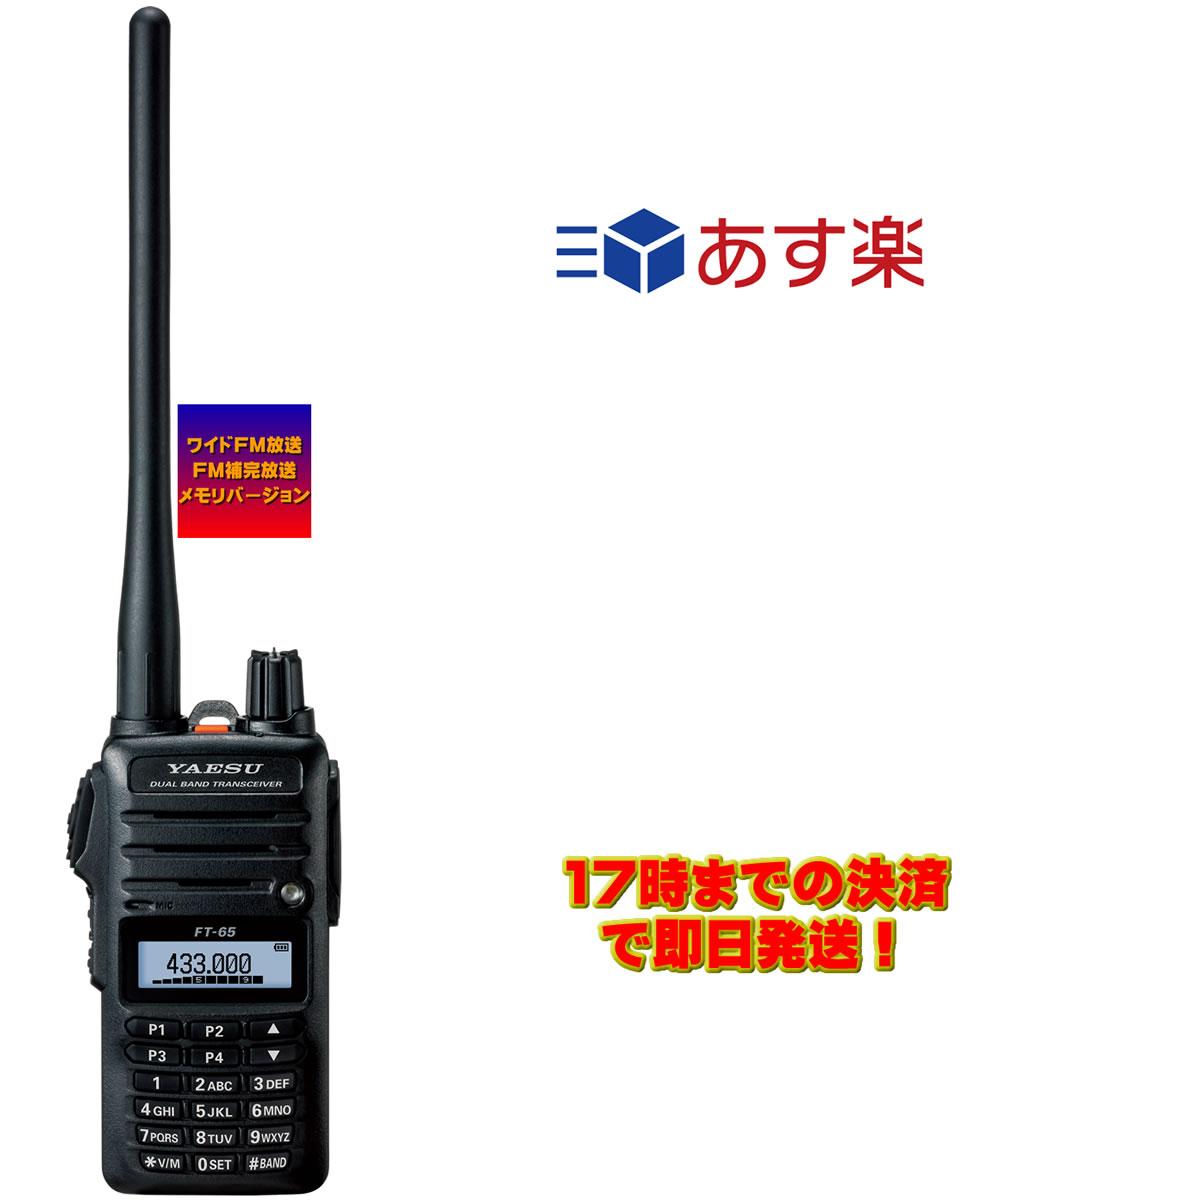 【ラッキーシール対応】 FT-65 八重洲無線 FMワイド放送、FM補完放送メモリーバージョン 144/430MHz デュアルバンドFMトランシーバー